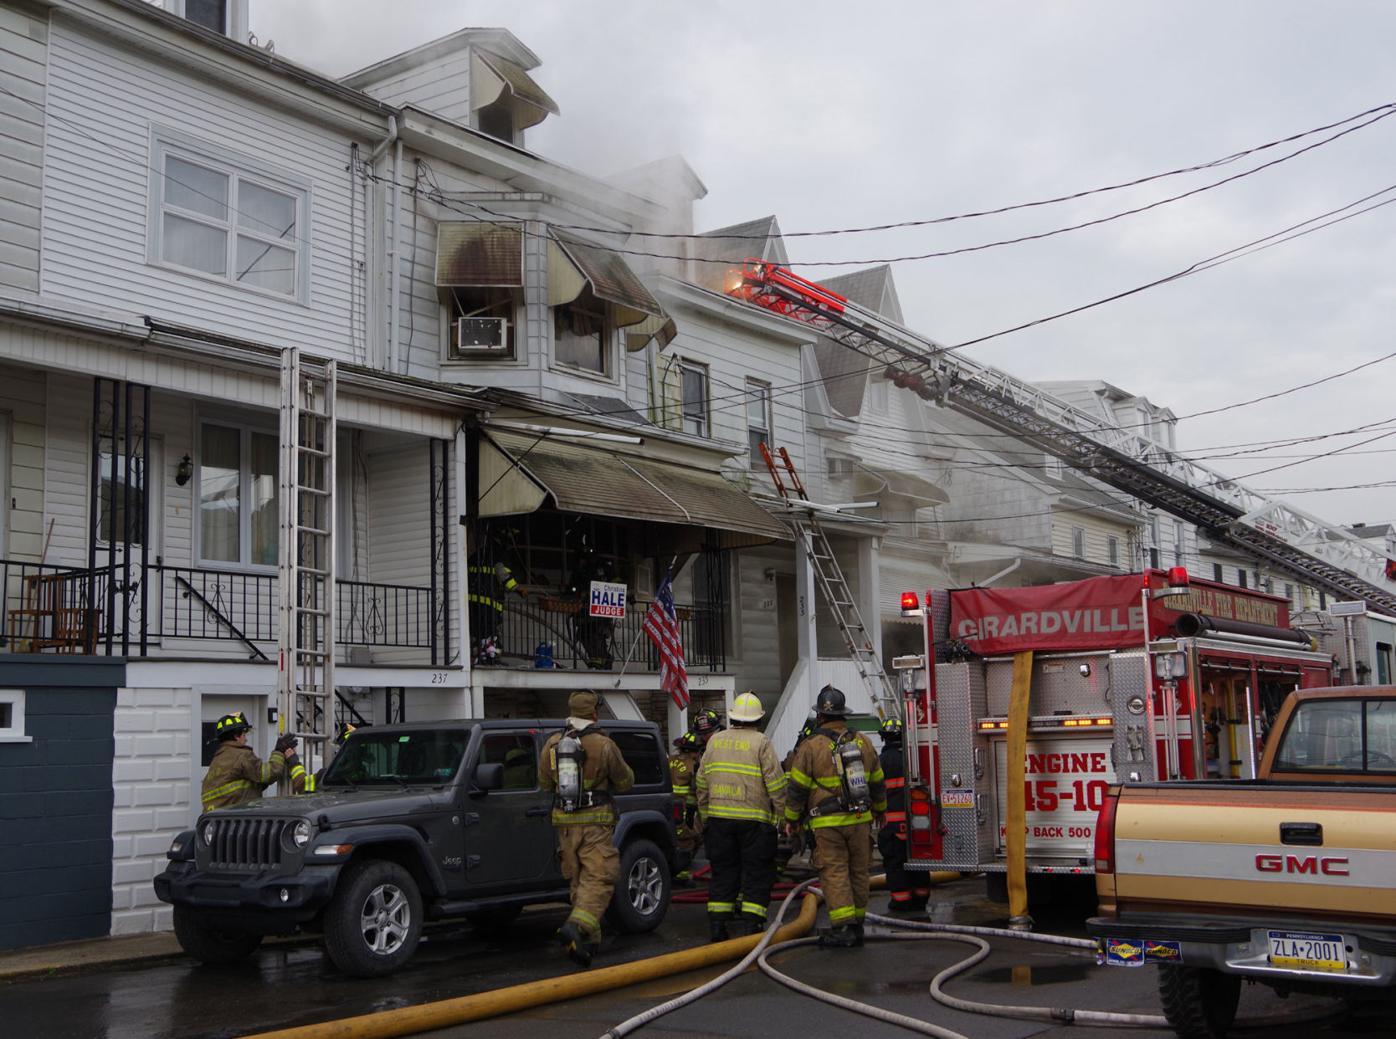 Girardville fire 2